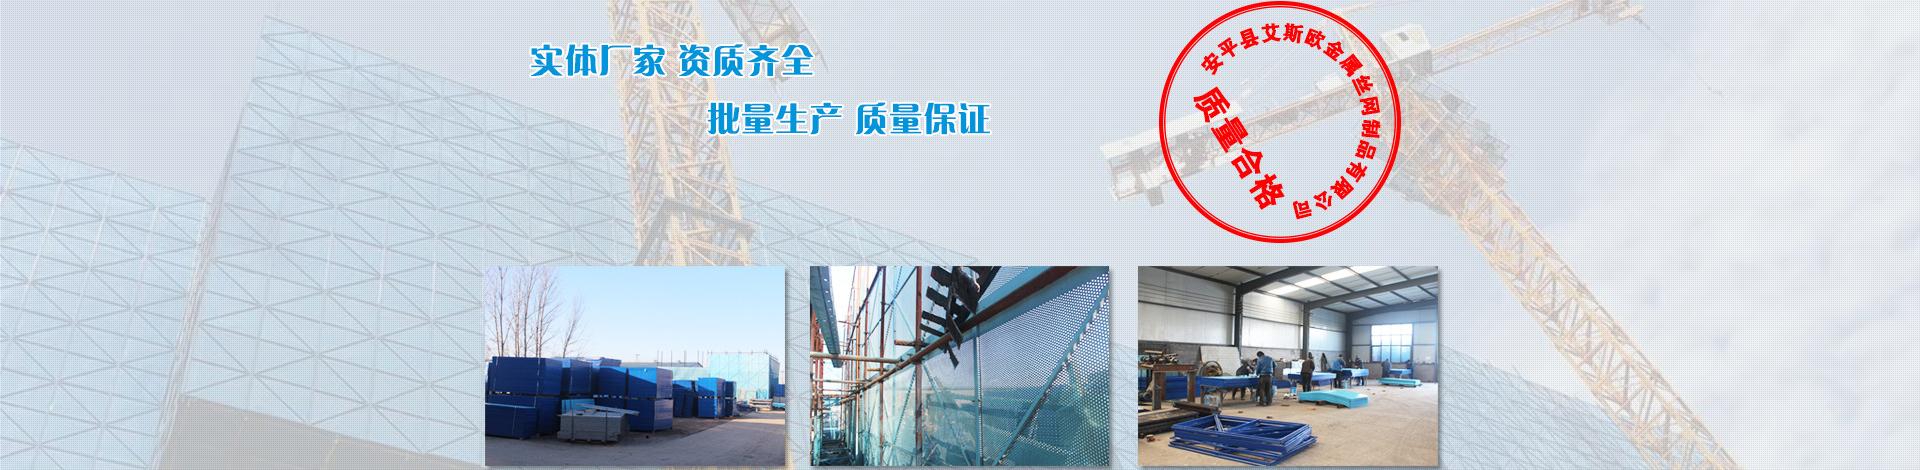 安平县艾斯欧金属丝网制品有限公司